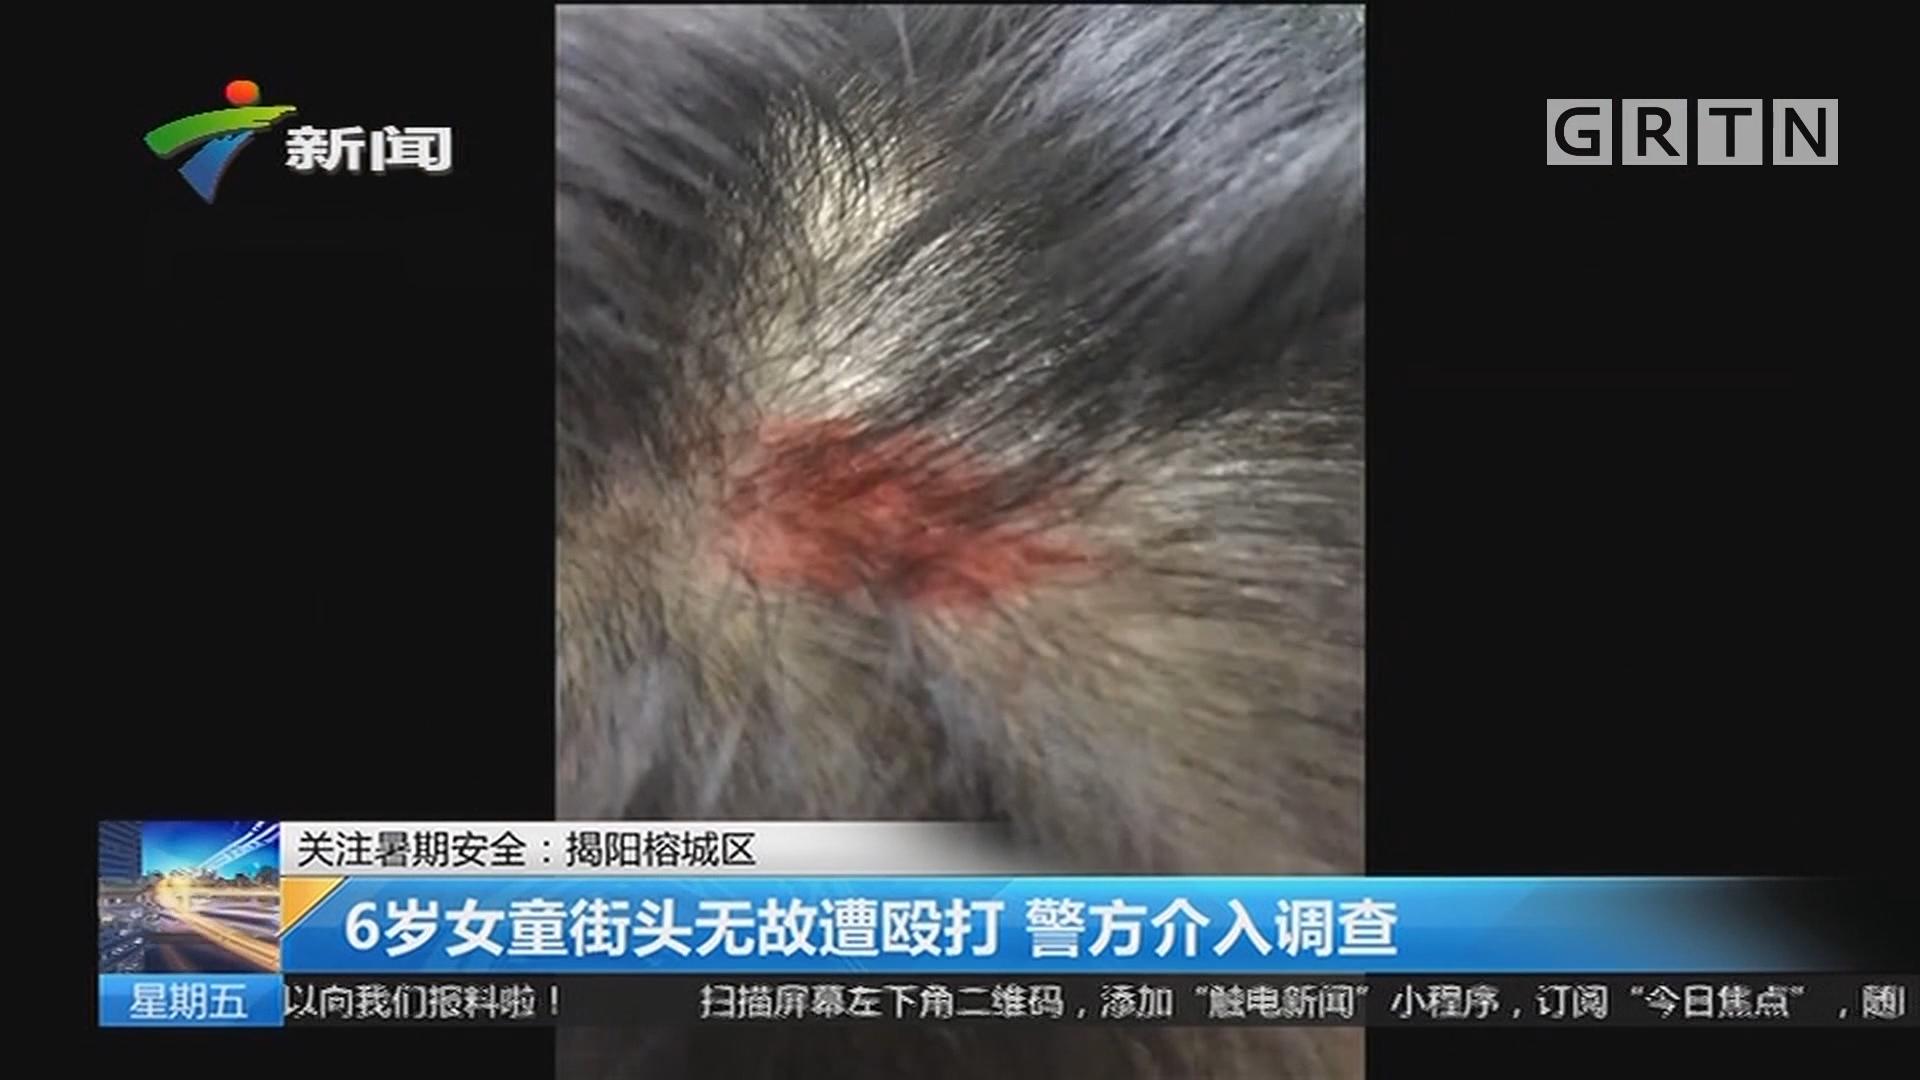 关注暑期安全:揭阳榕城区 6岁女童街头无故遭殴打 警方介入调查